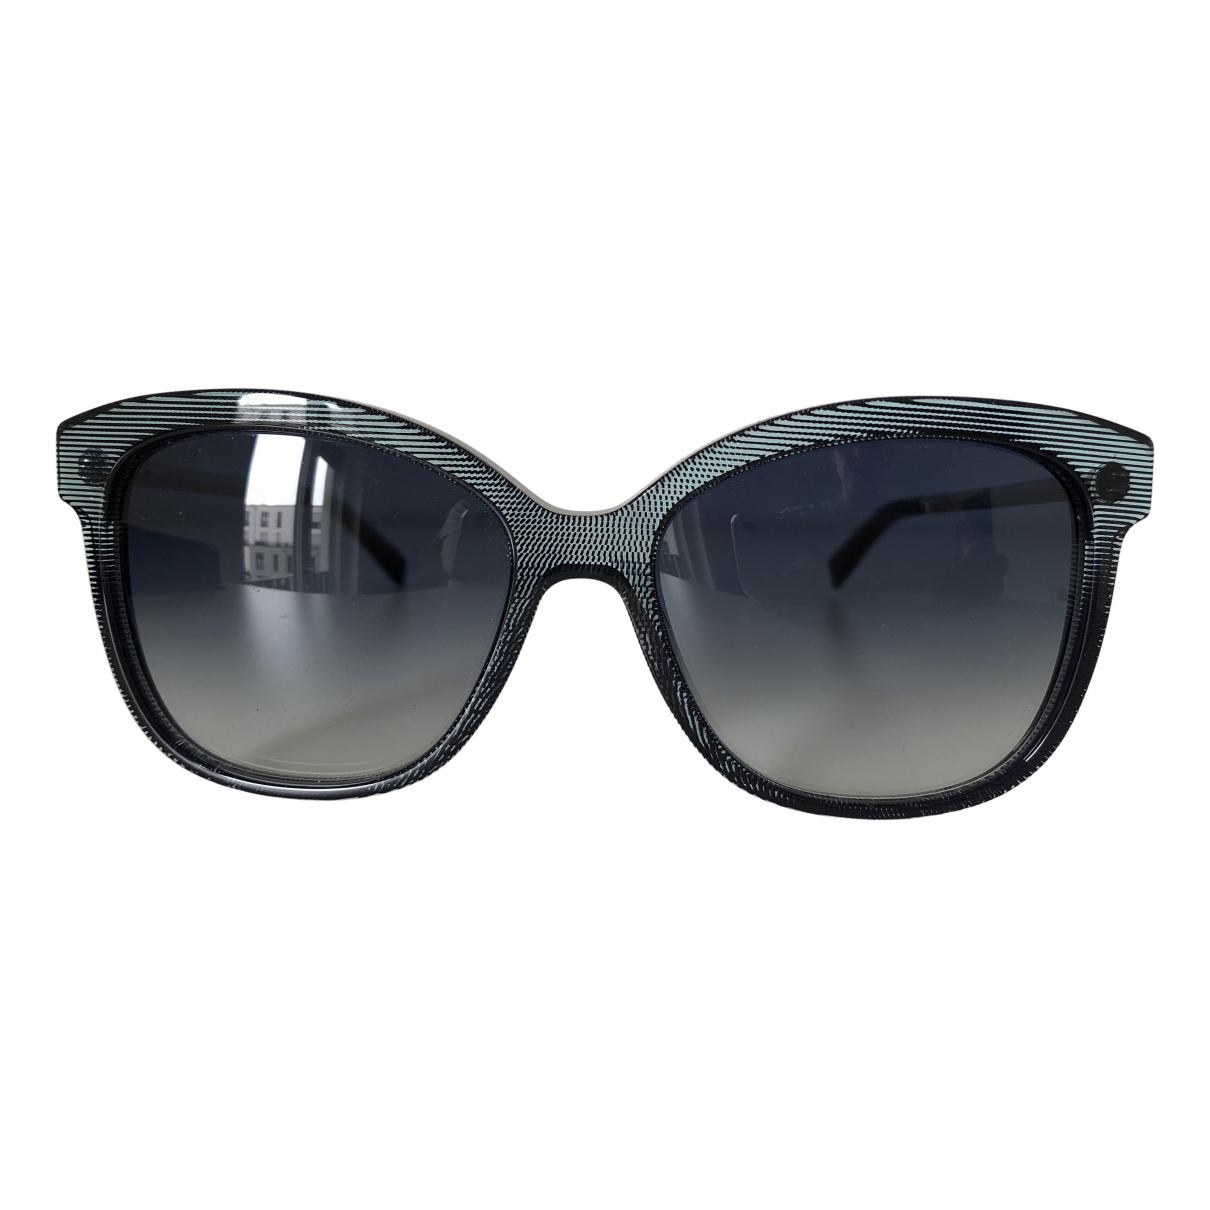 Gafas oversize Jil Sander